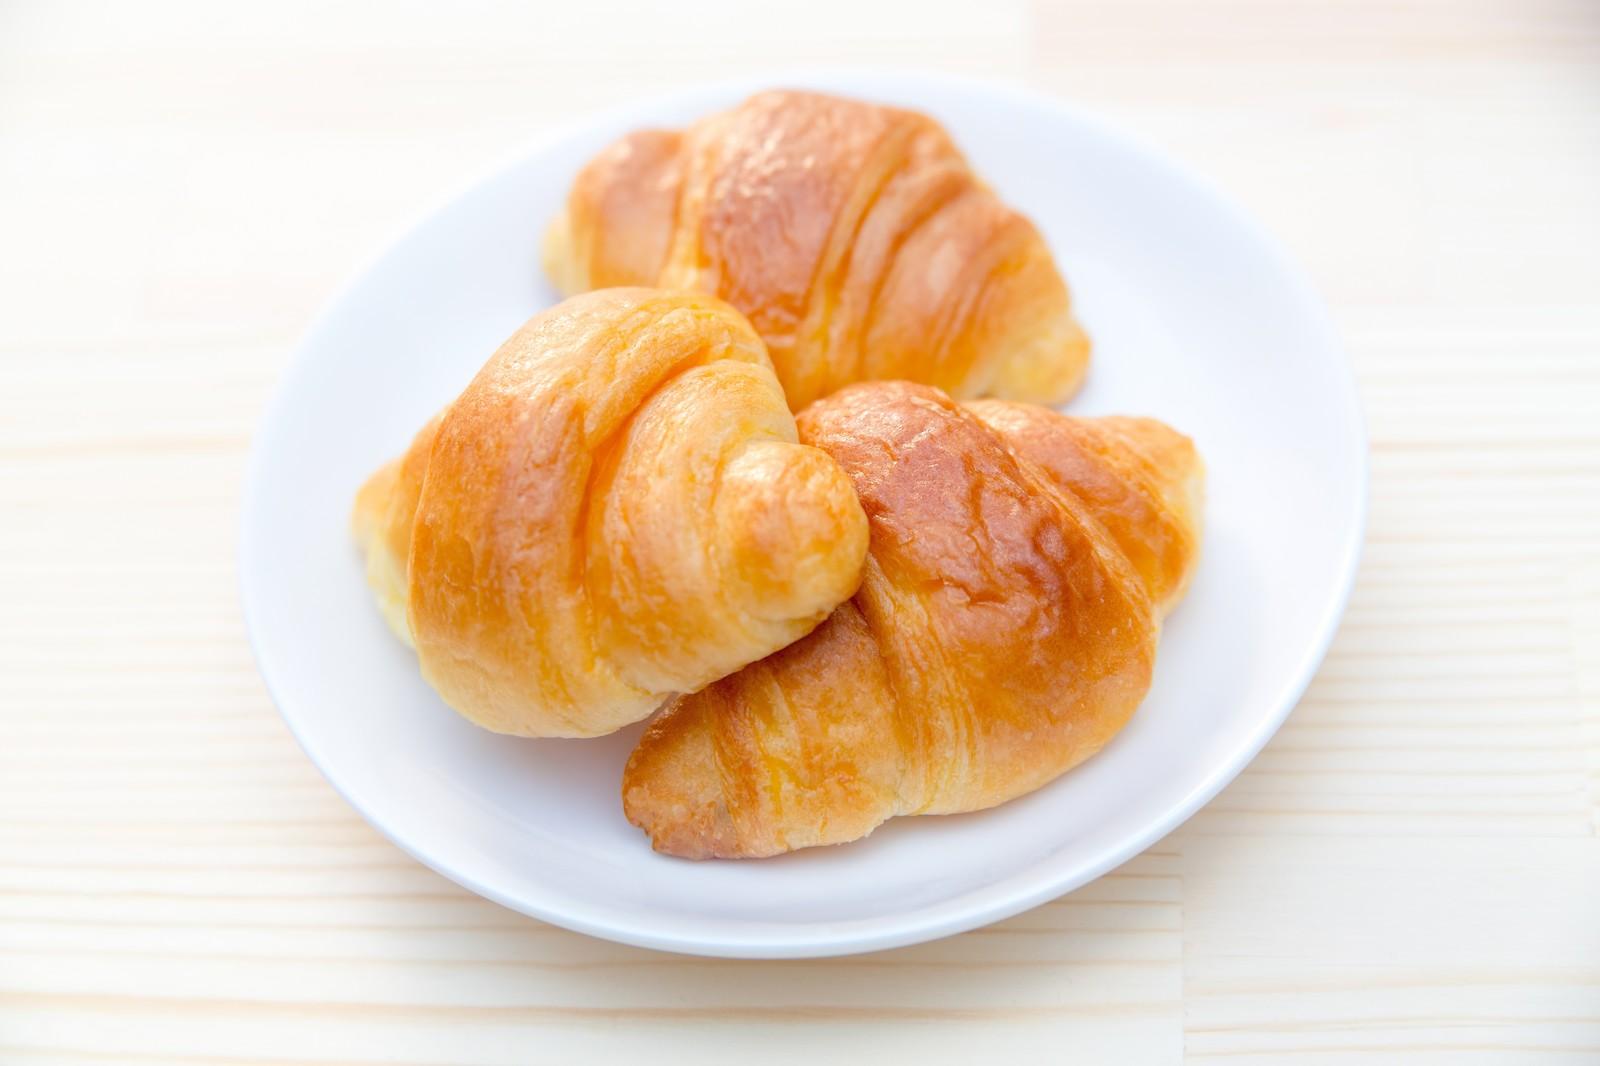 ダイエット成功体験談/ふすまパンダイエット